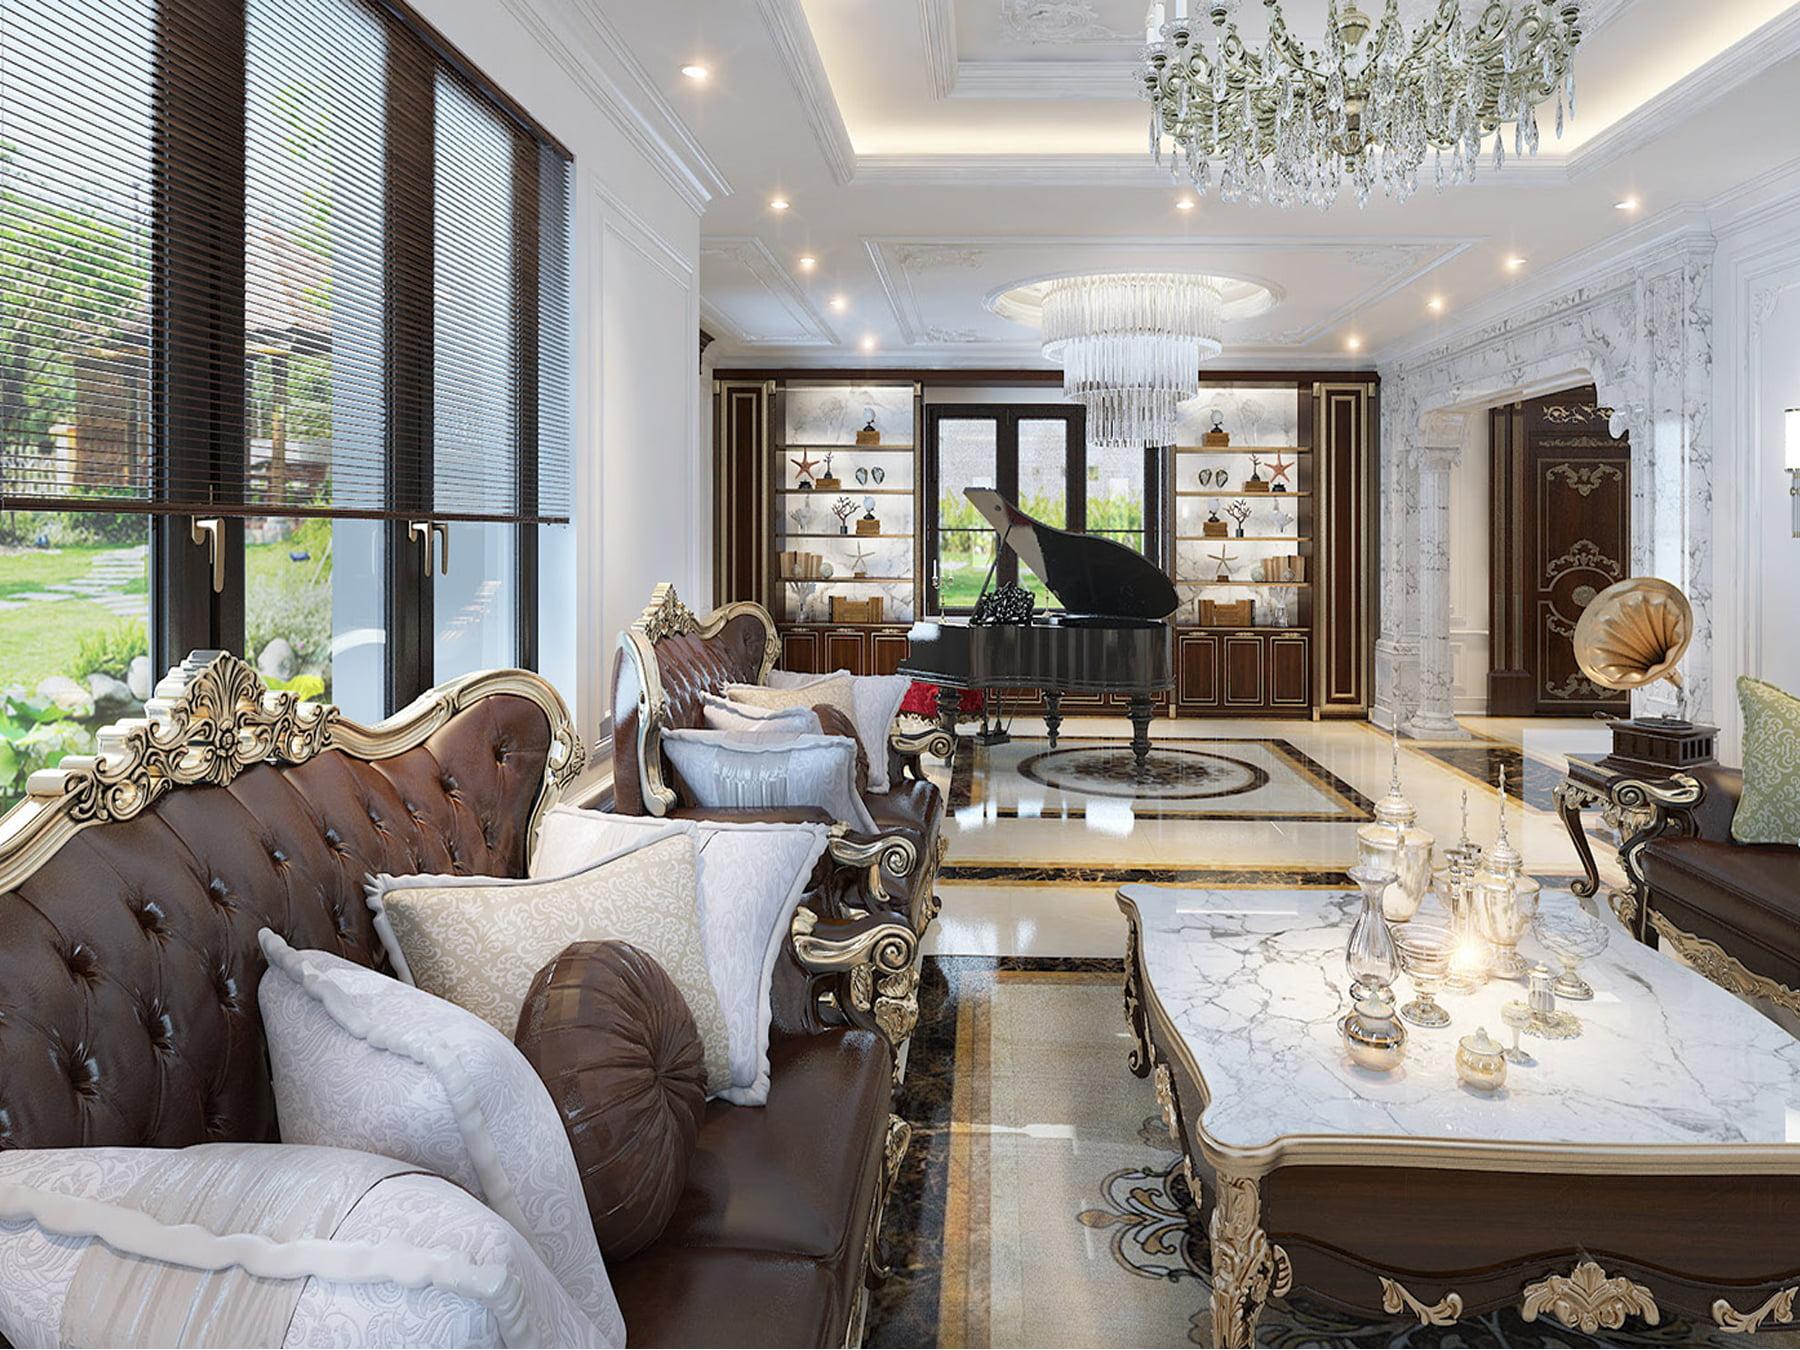 Mẫu nội thất Tân cổ điển nhẹ nhàng – Bà Hằng – KĐT Seasons Avenue Hà Đông